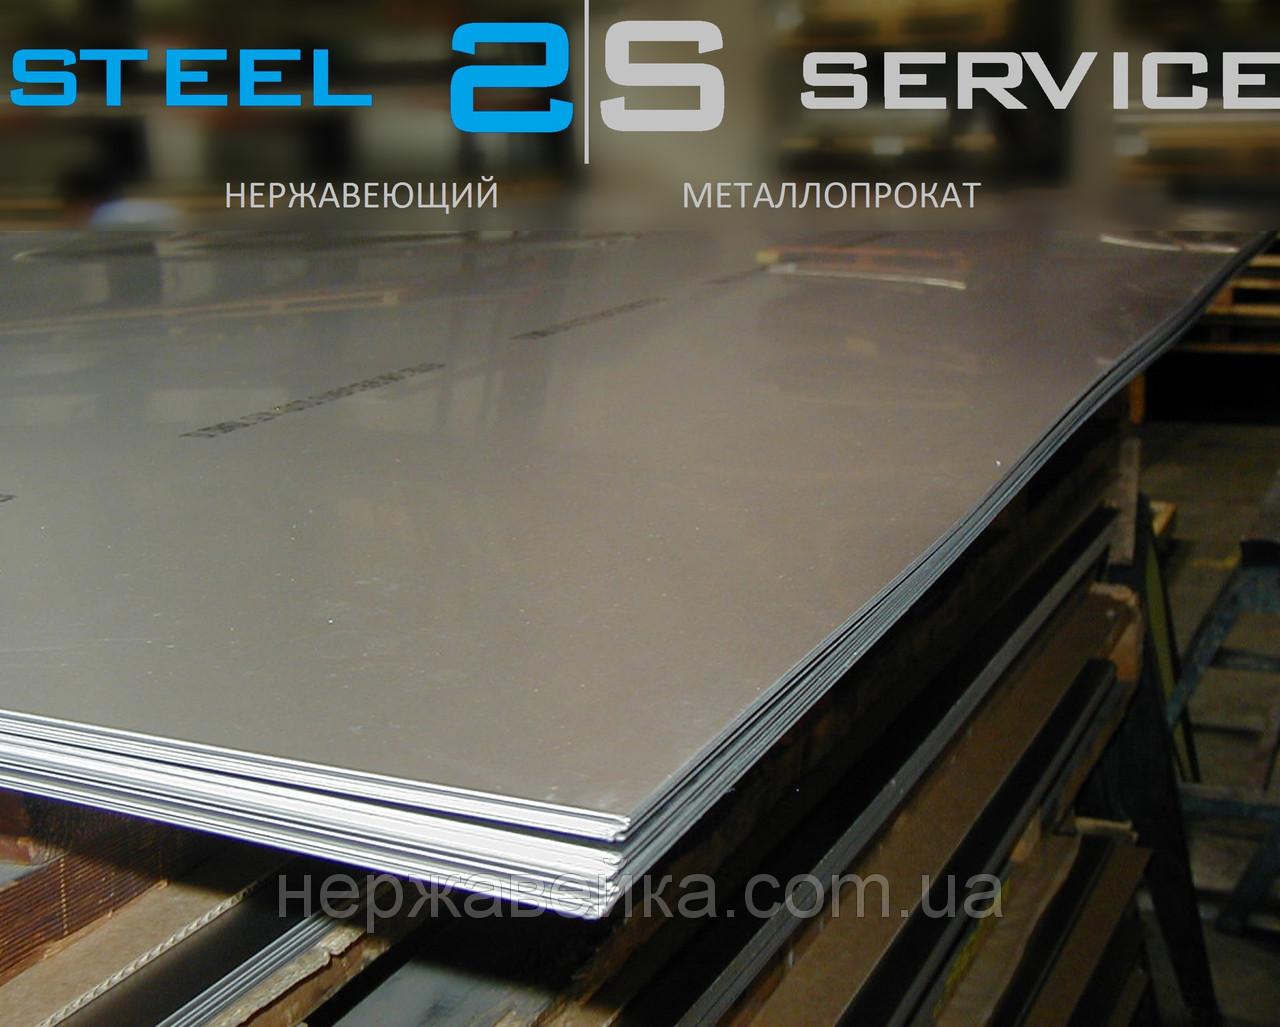 Нержавеющий лист 0,4х1250х2500мм AISI 304(08Х18Н10) 2B - матовый, пищевой